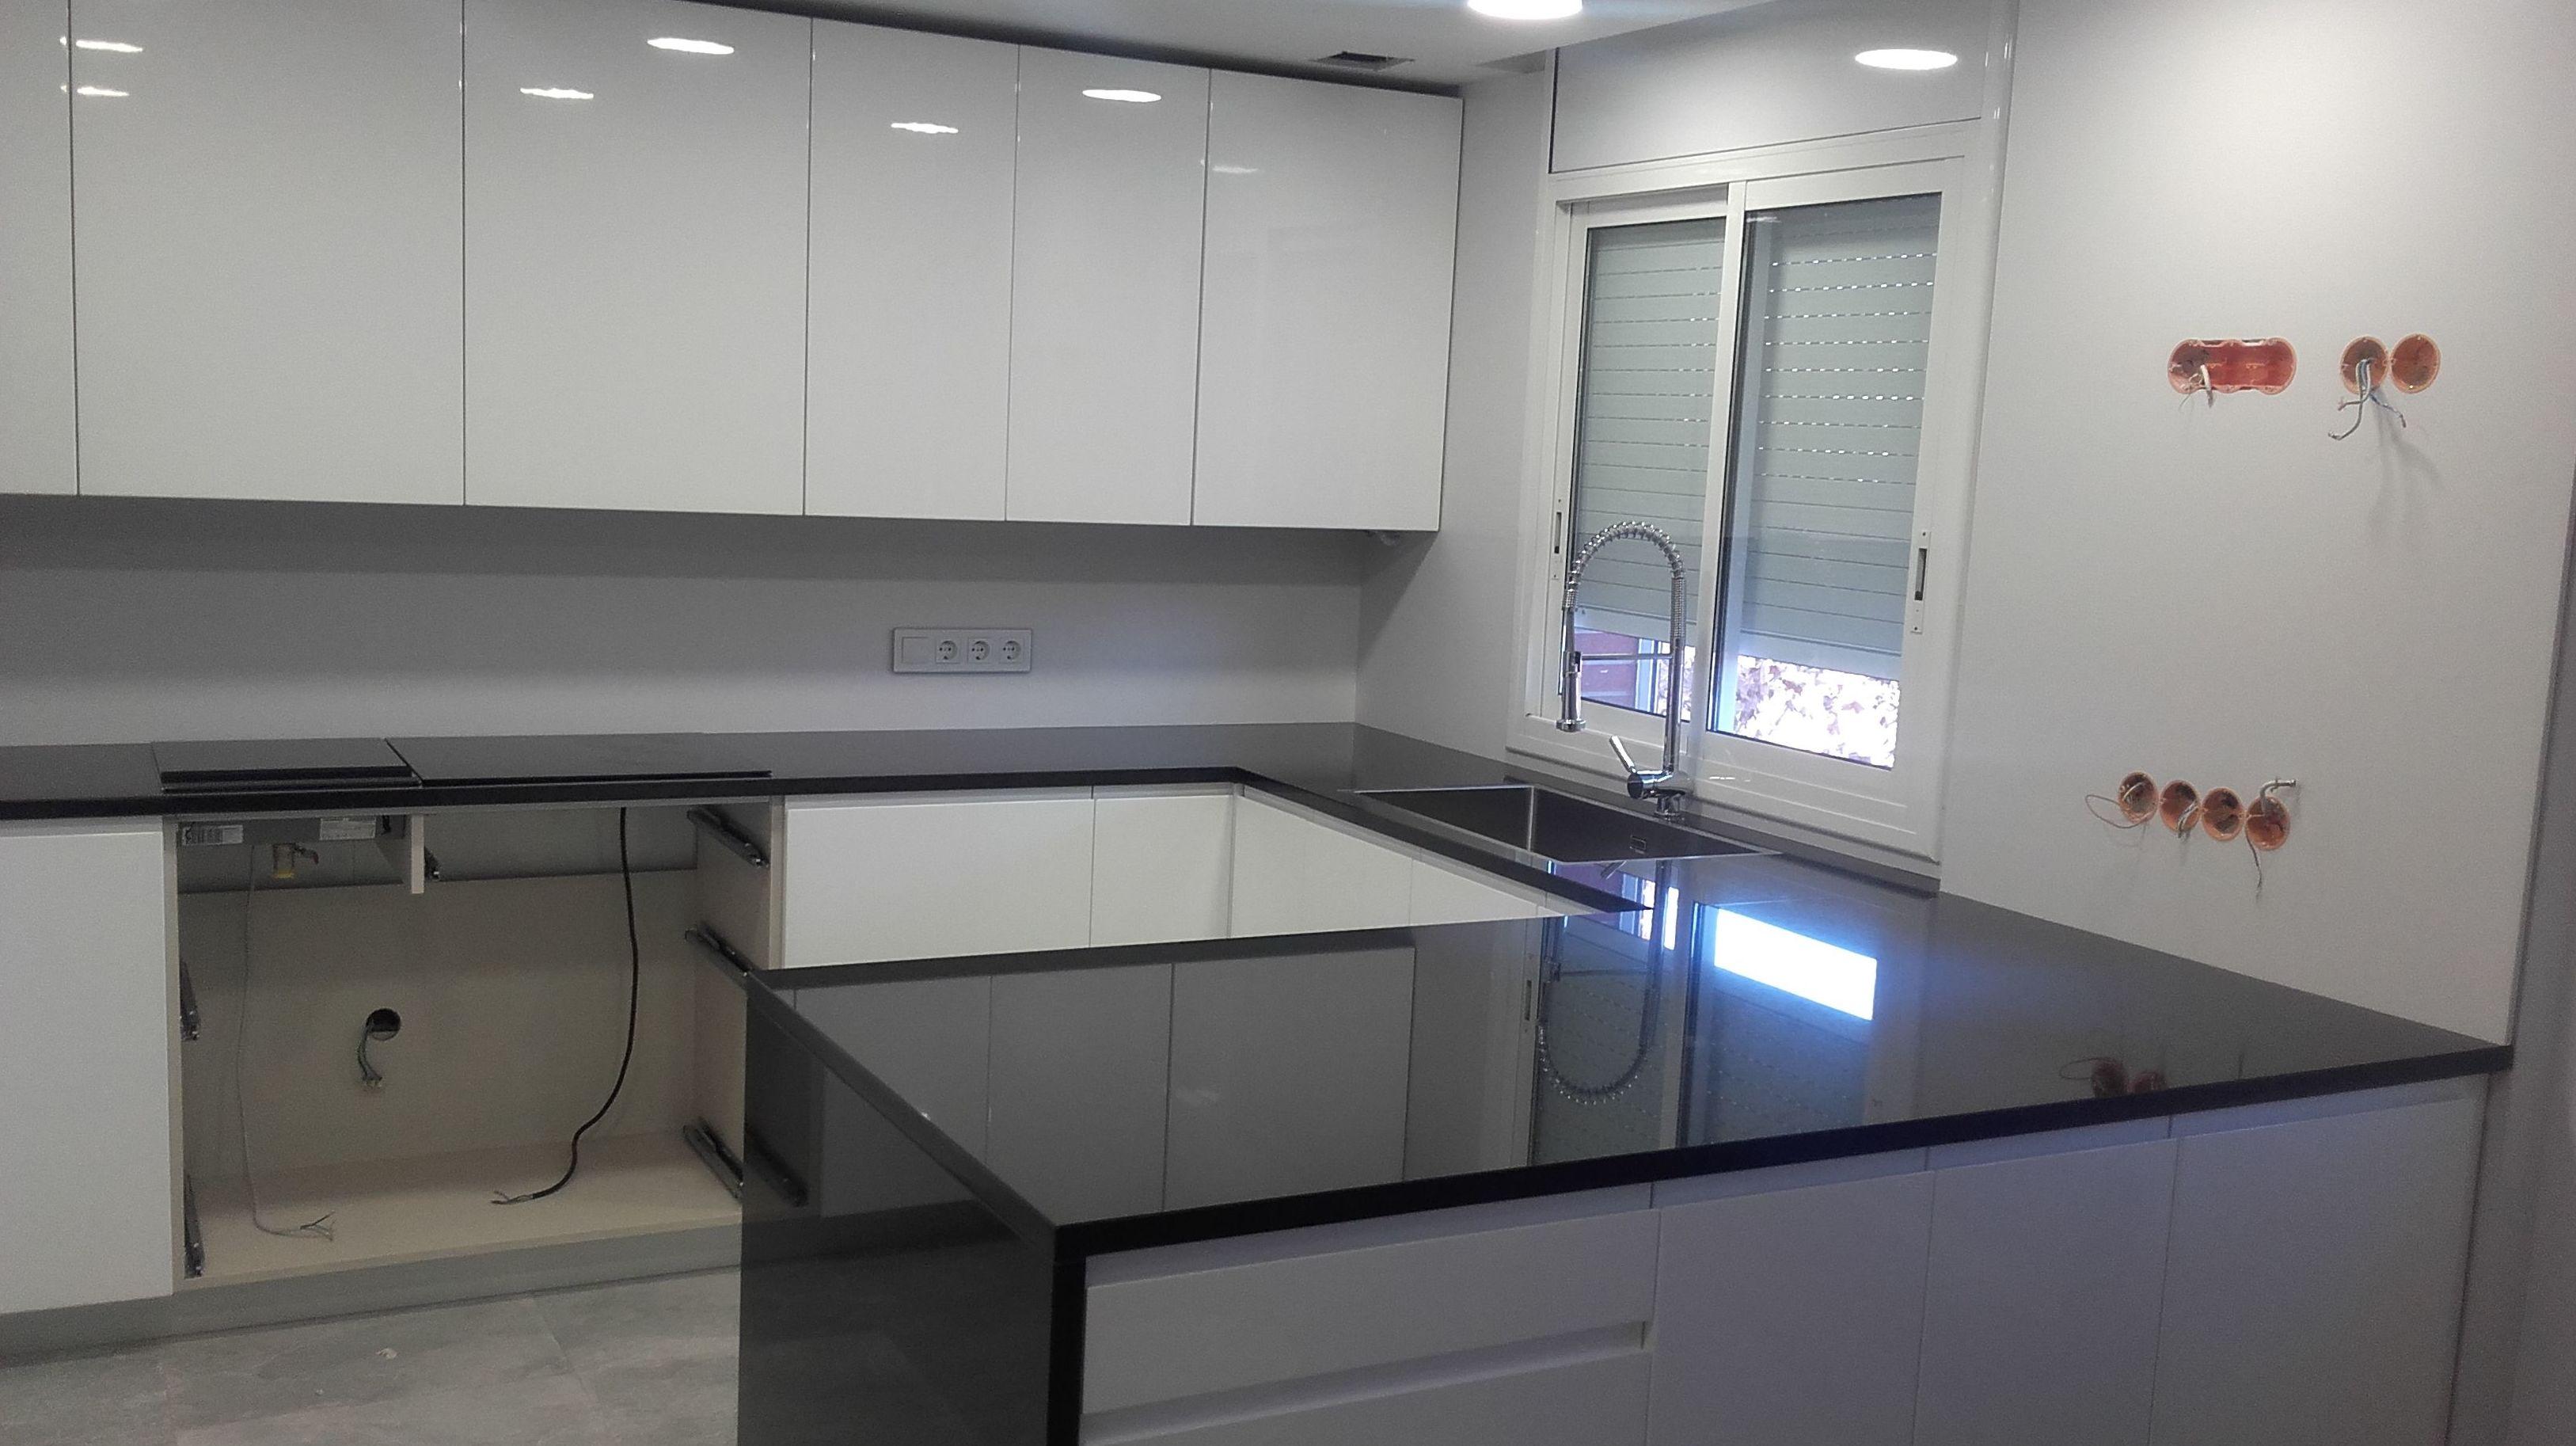 Encimera granito blanco cocina encimera granate cocina - Encimera granito blanco ...